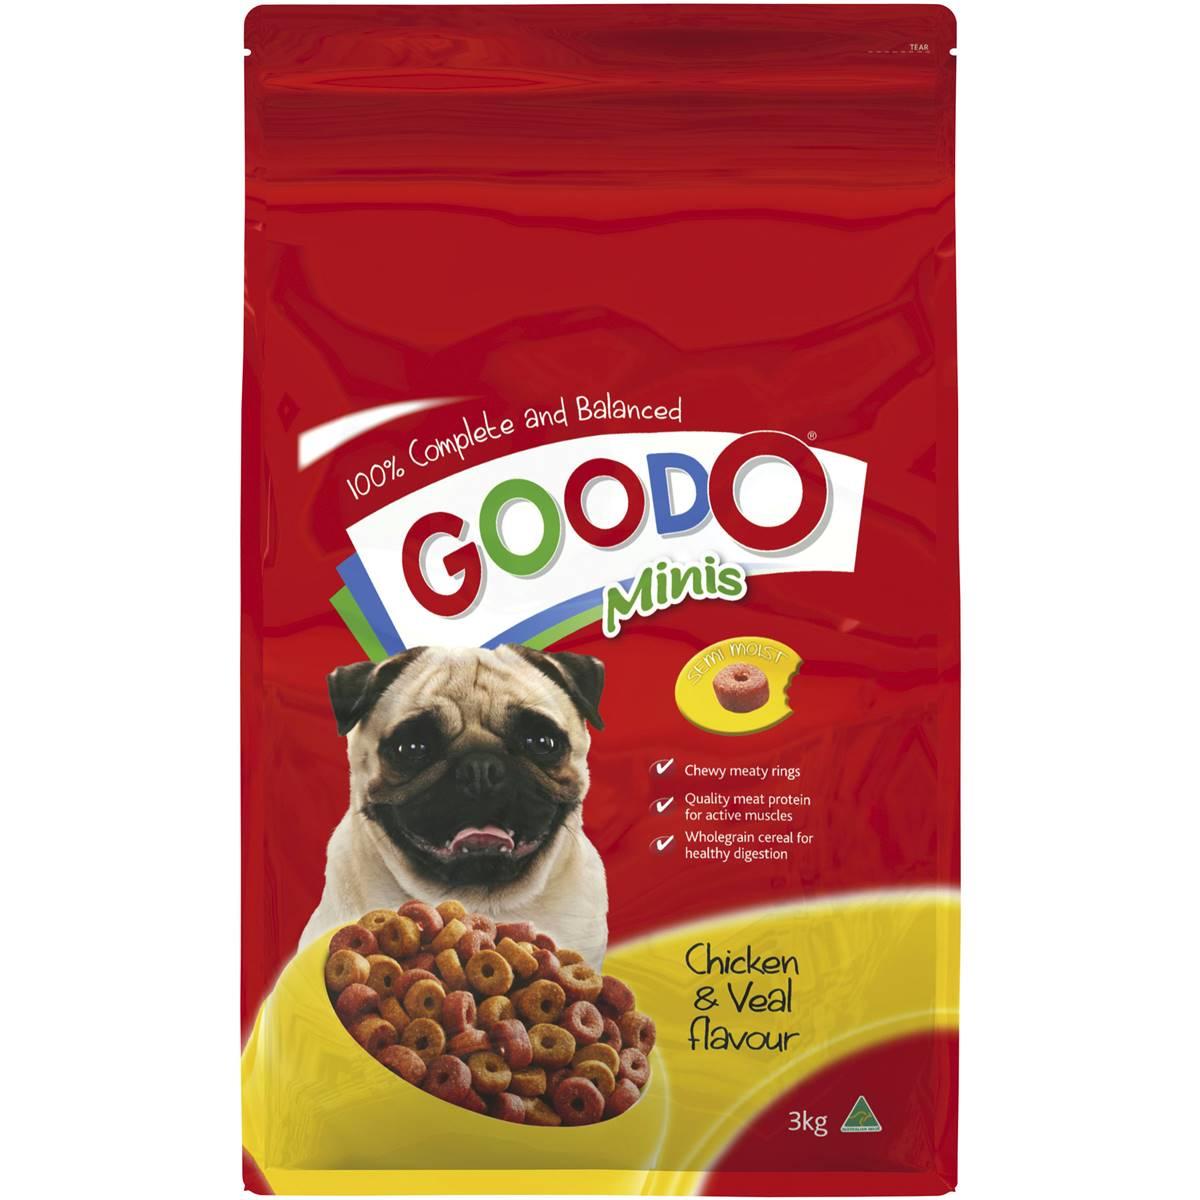 Woolworths Dog Food